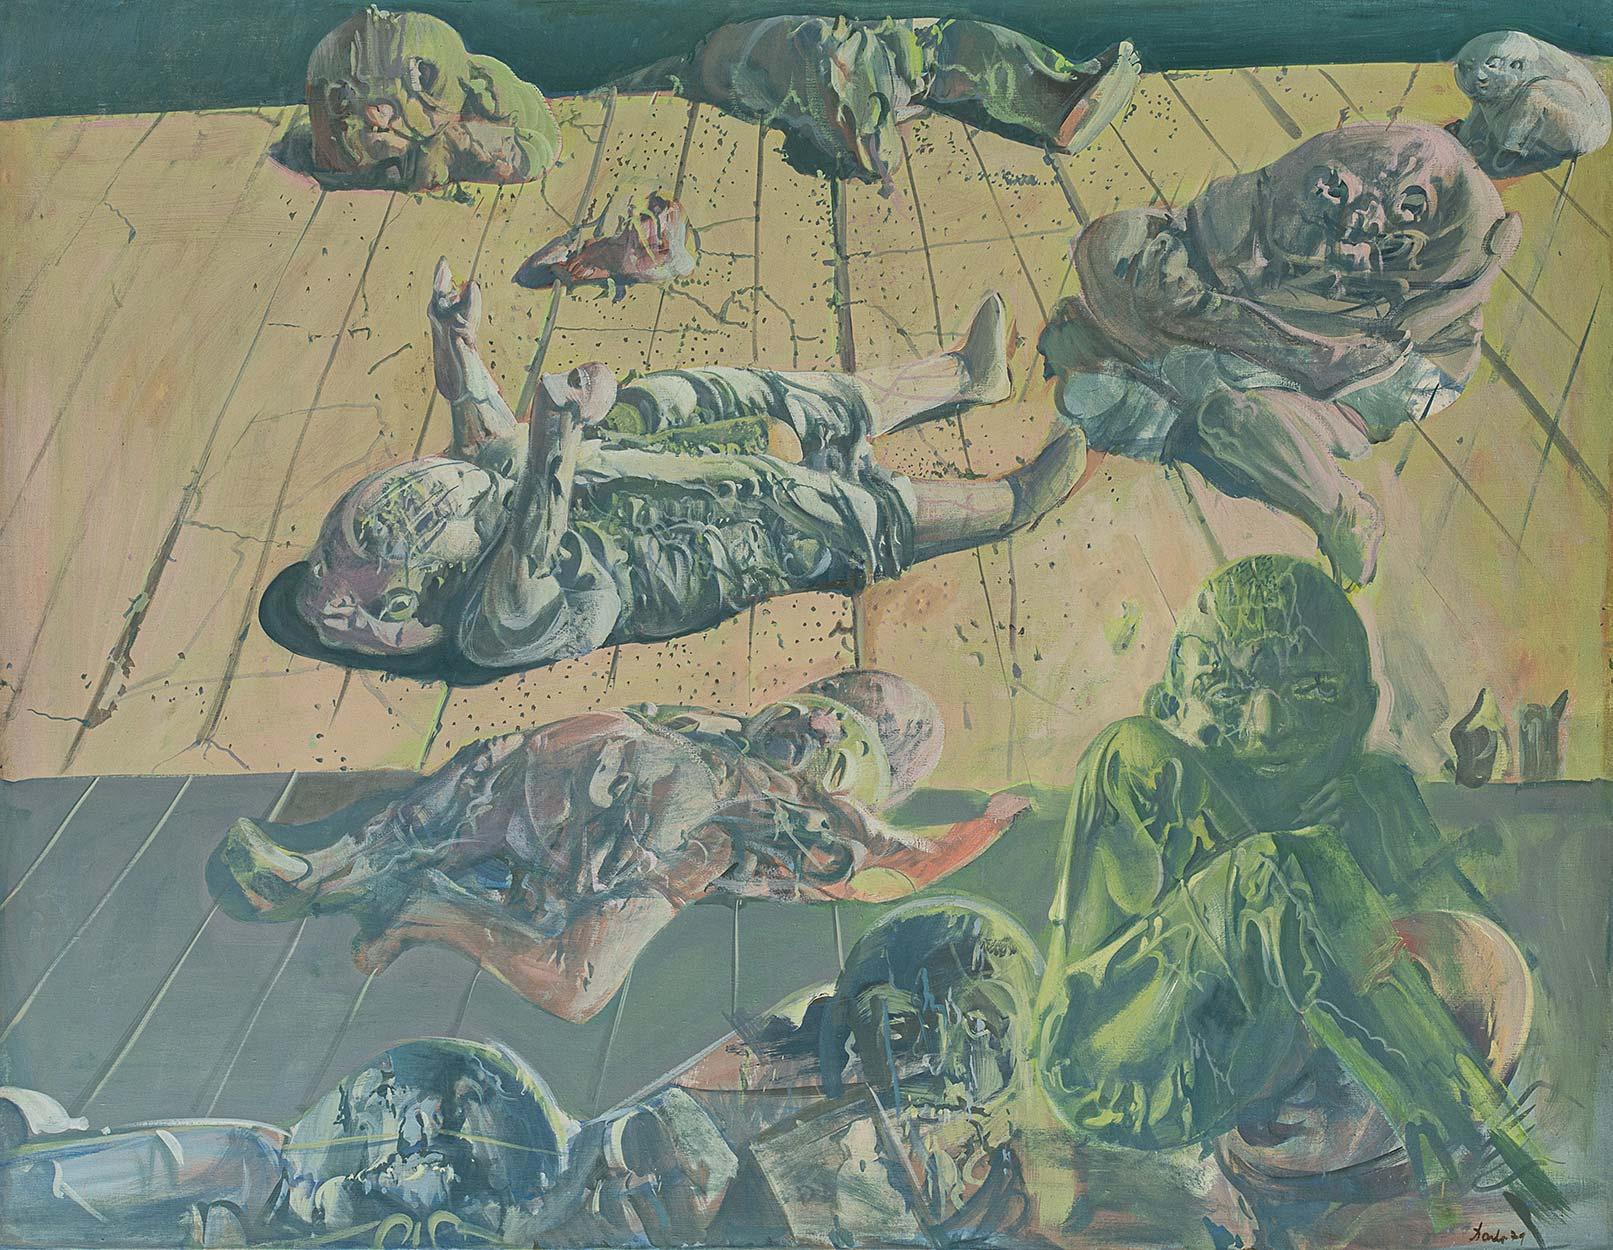 Dado: Untitled, 1971